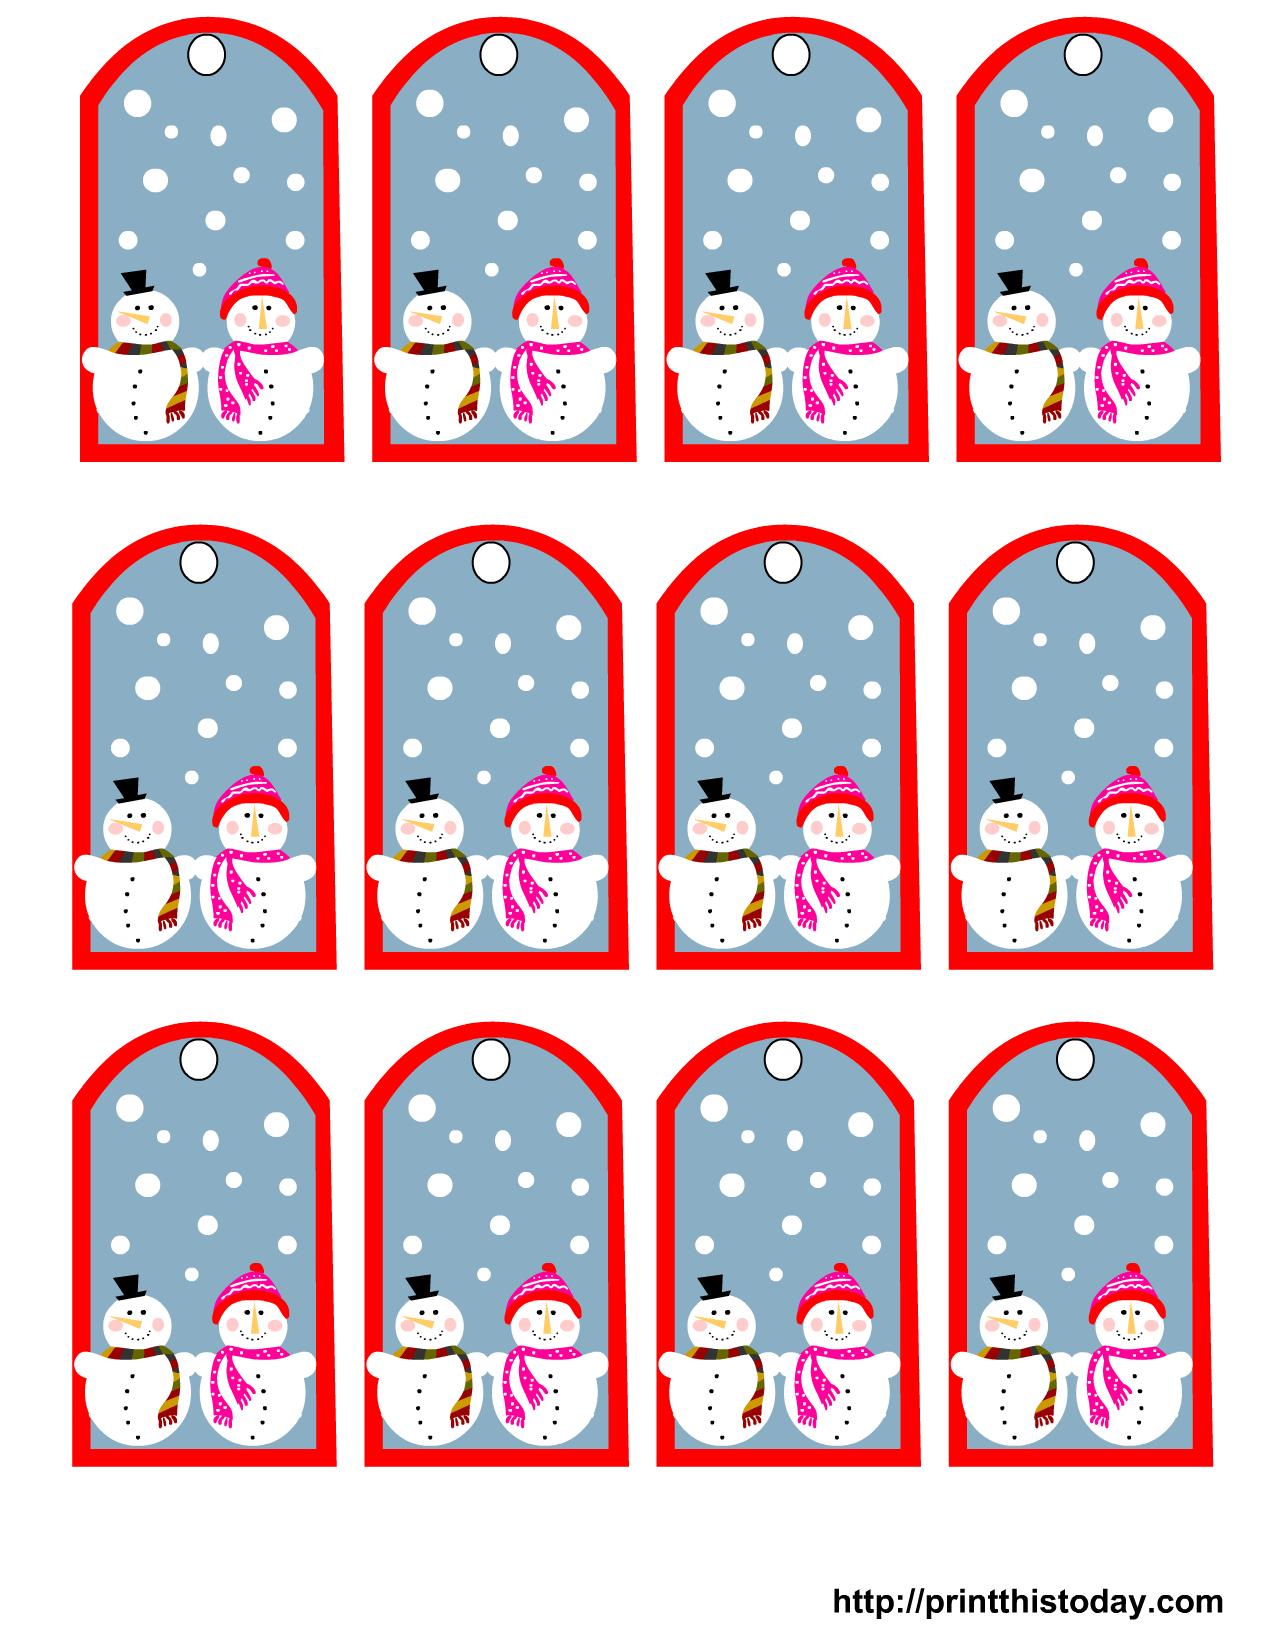 Free Printable Snowman Christmas Gift Tags - Free Printable Toe Tags